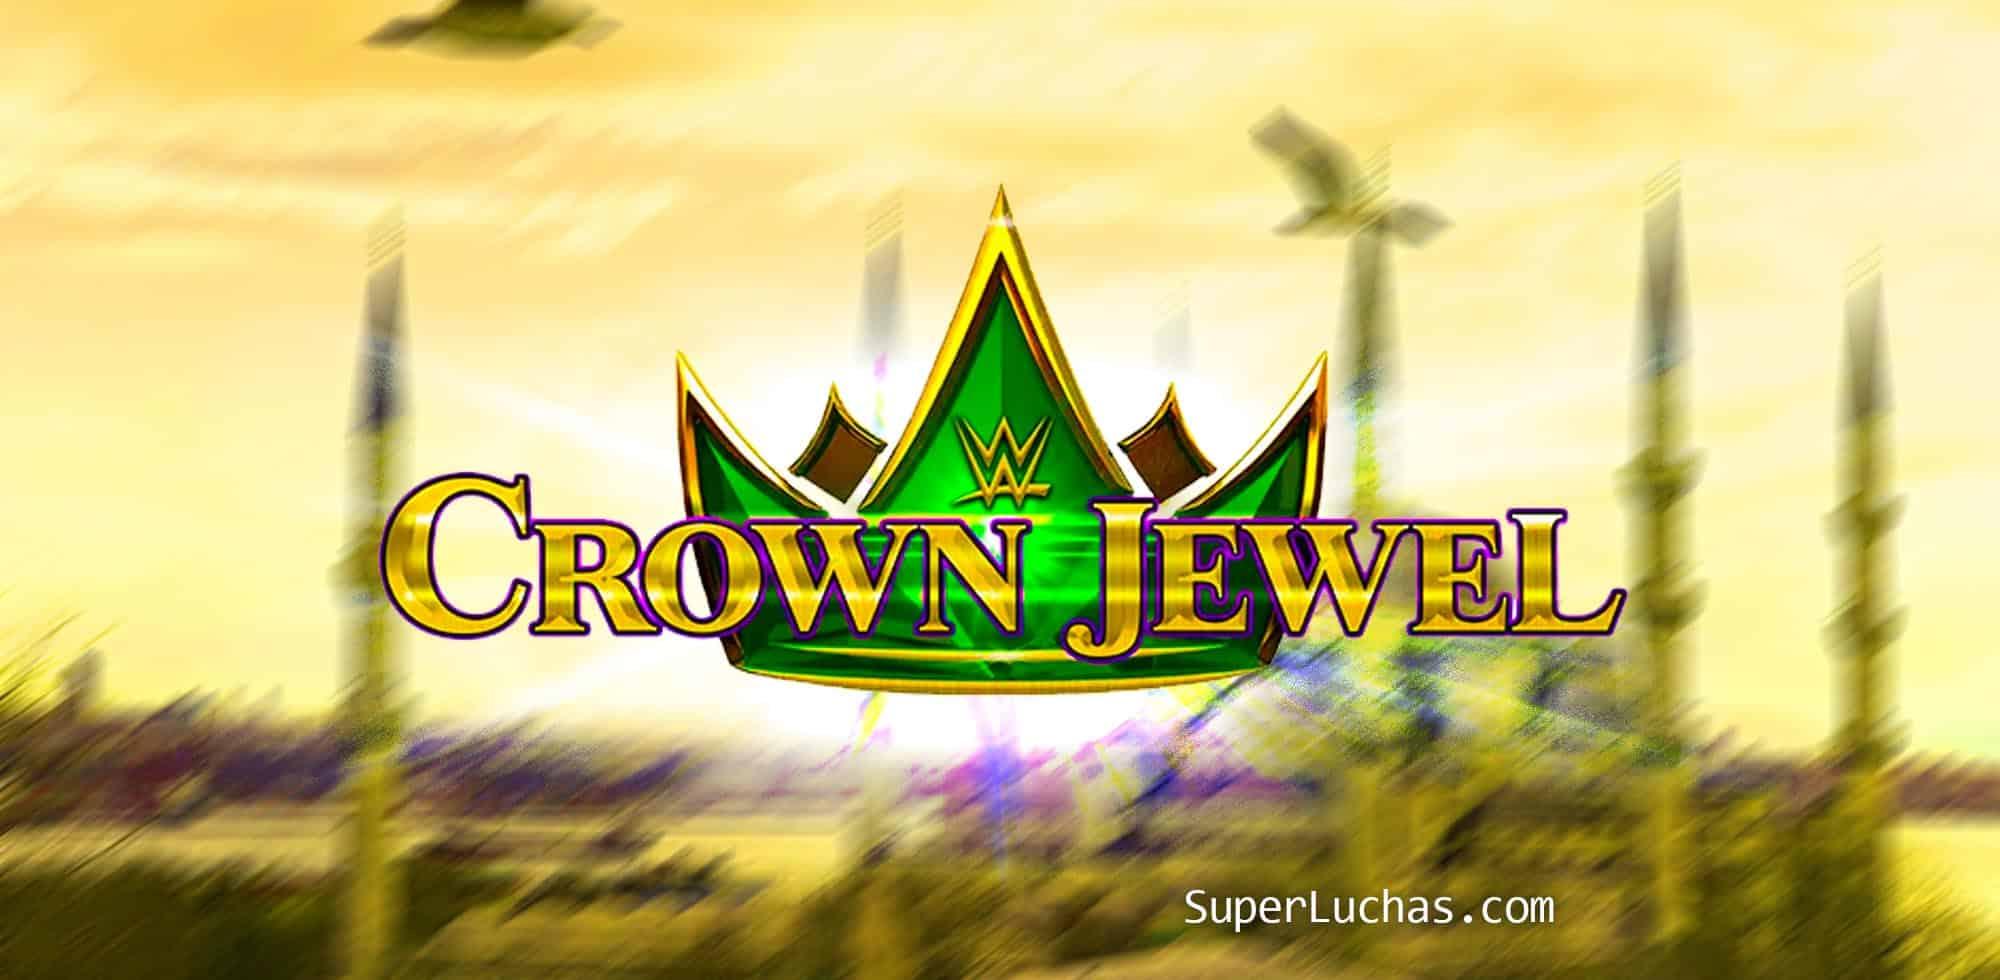 Esto es lo que Linda McMahon tiene que decir del Crown Jewel 2